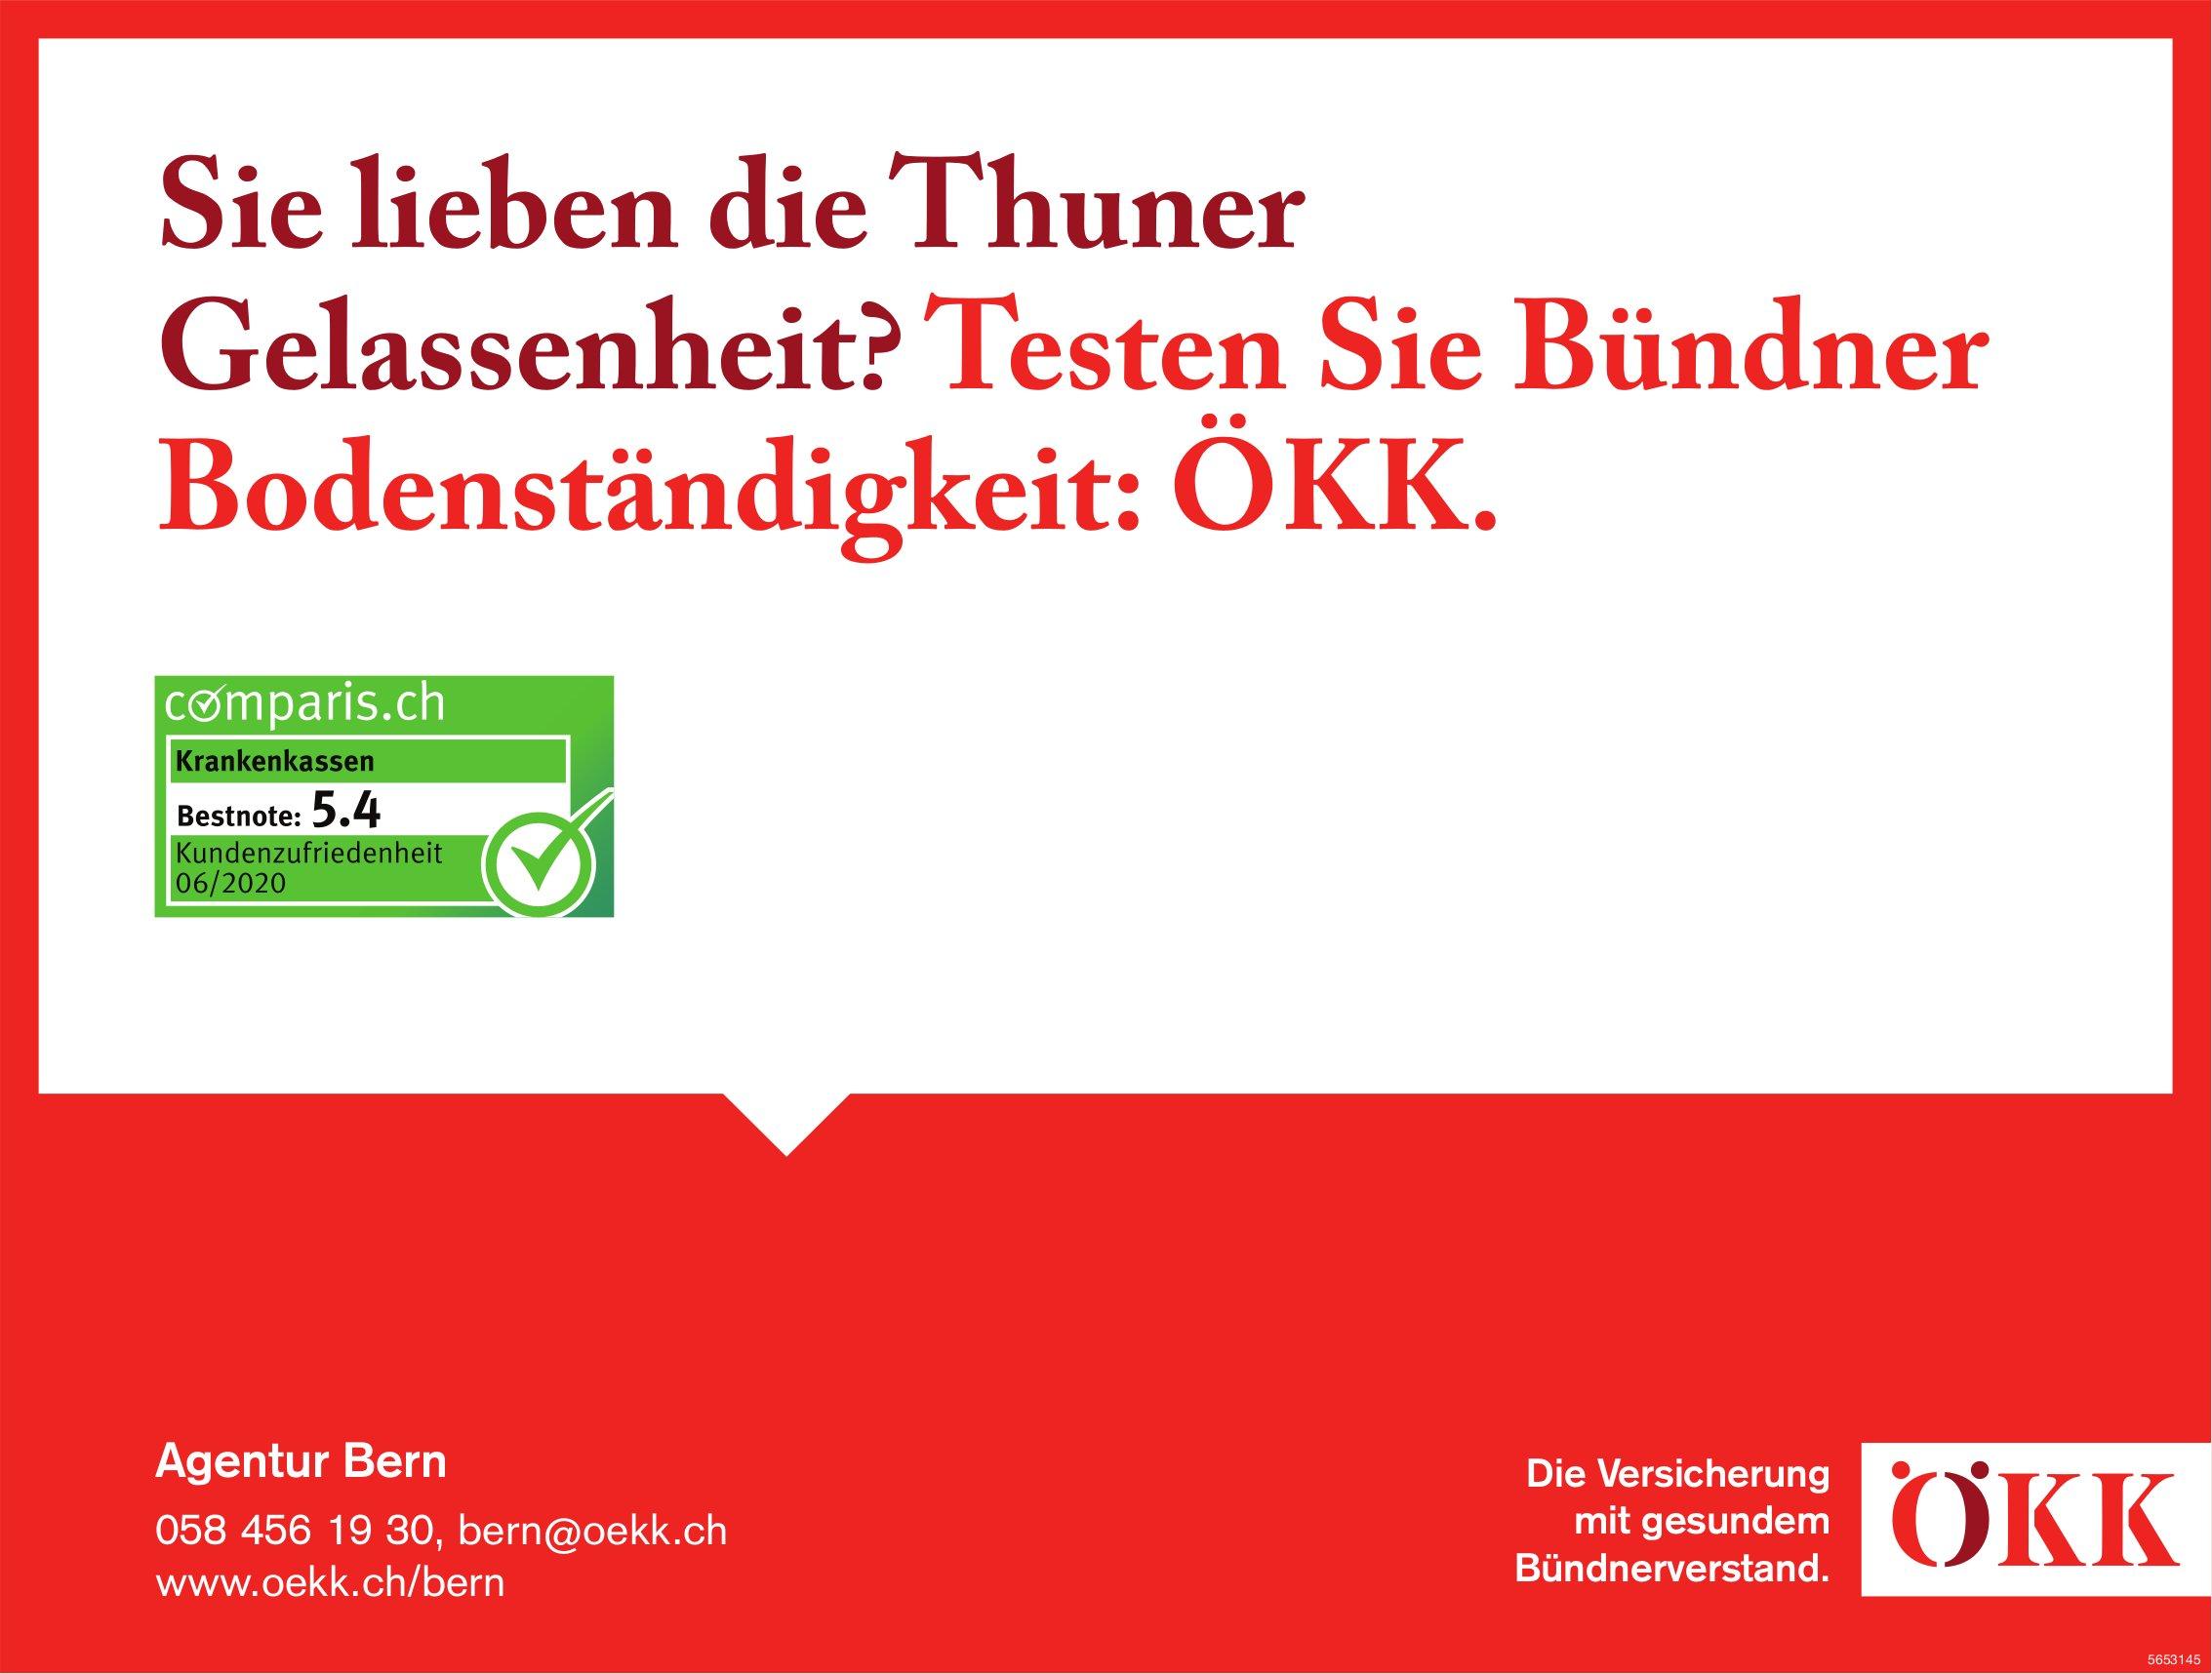 ÖKK, Bern - Sie lieben die Thuner Gelassenheit? Testen Sie Bündner Bodenständigkeit: ÖKK.